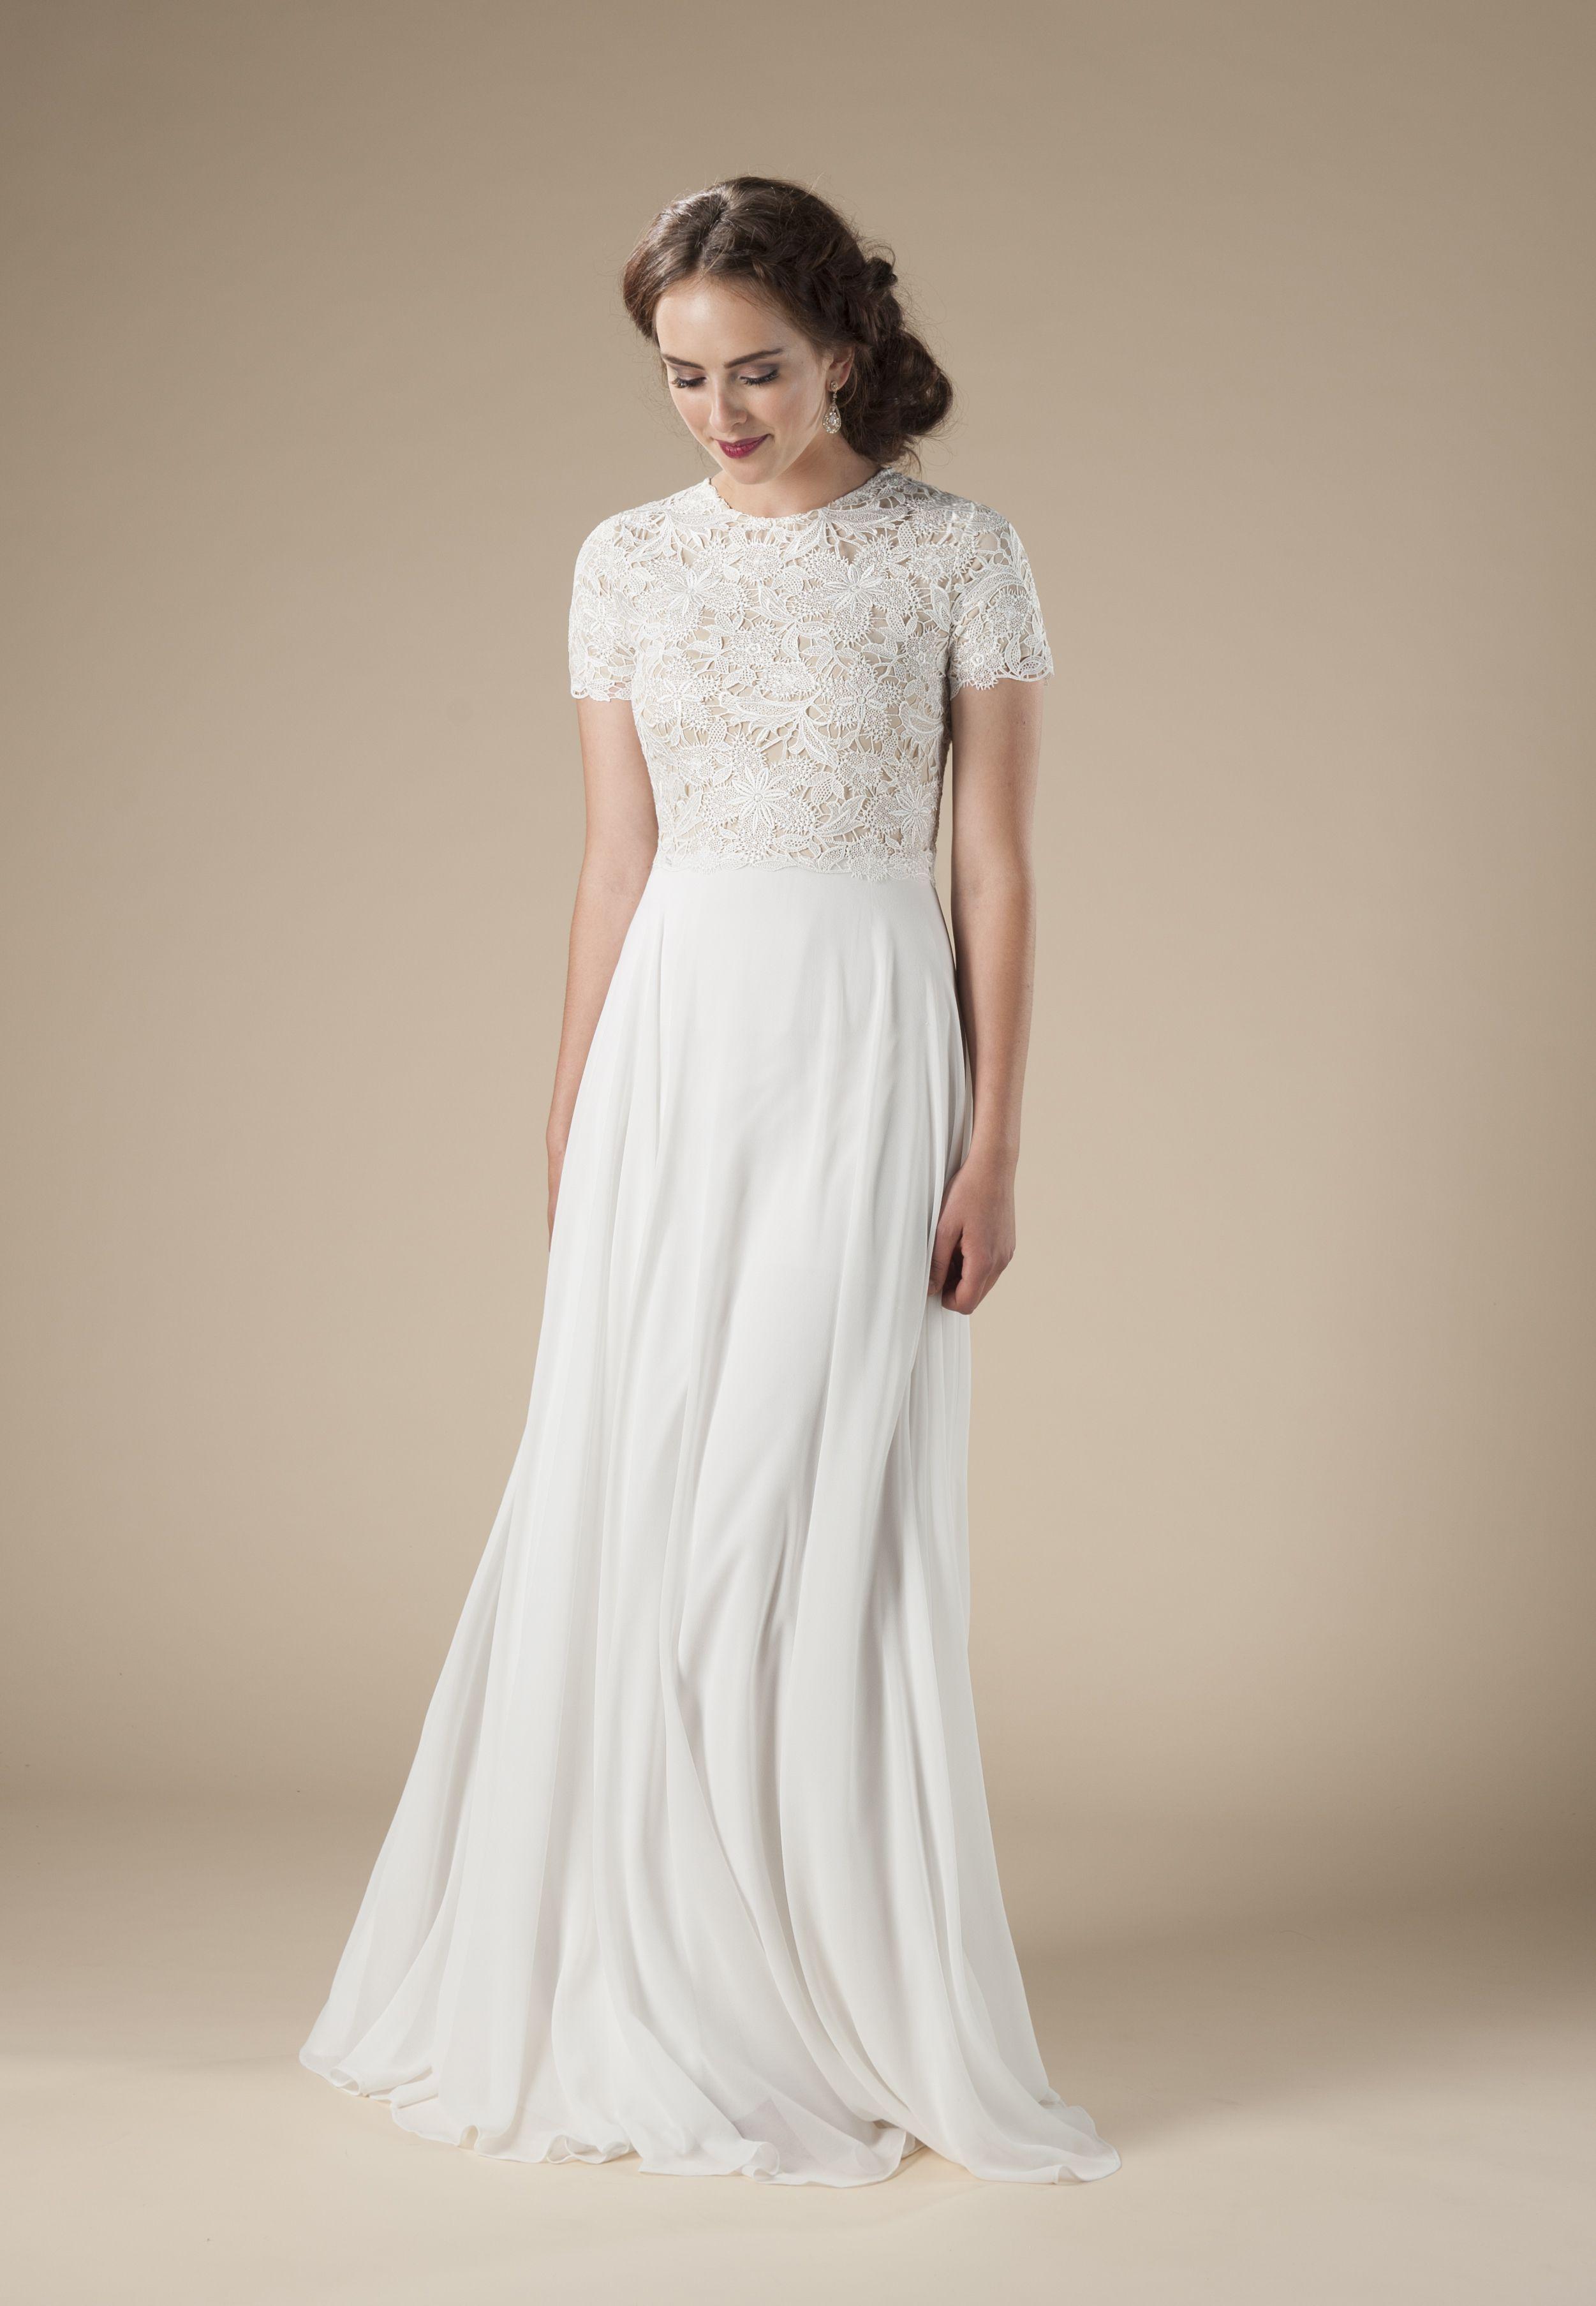 2018 Modest Wedding Dress Trends Modest wedding dresses